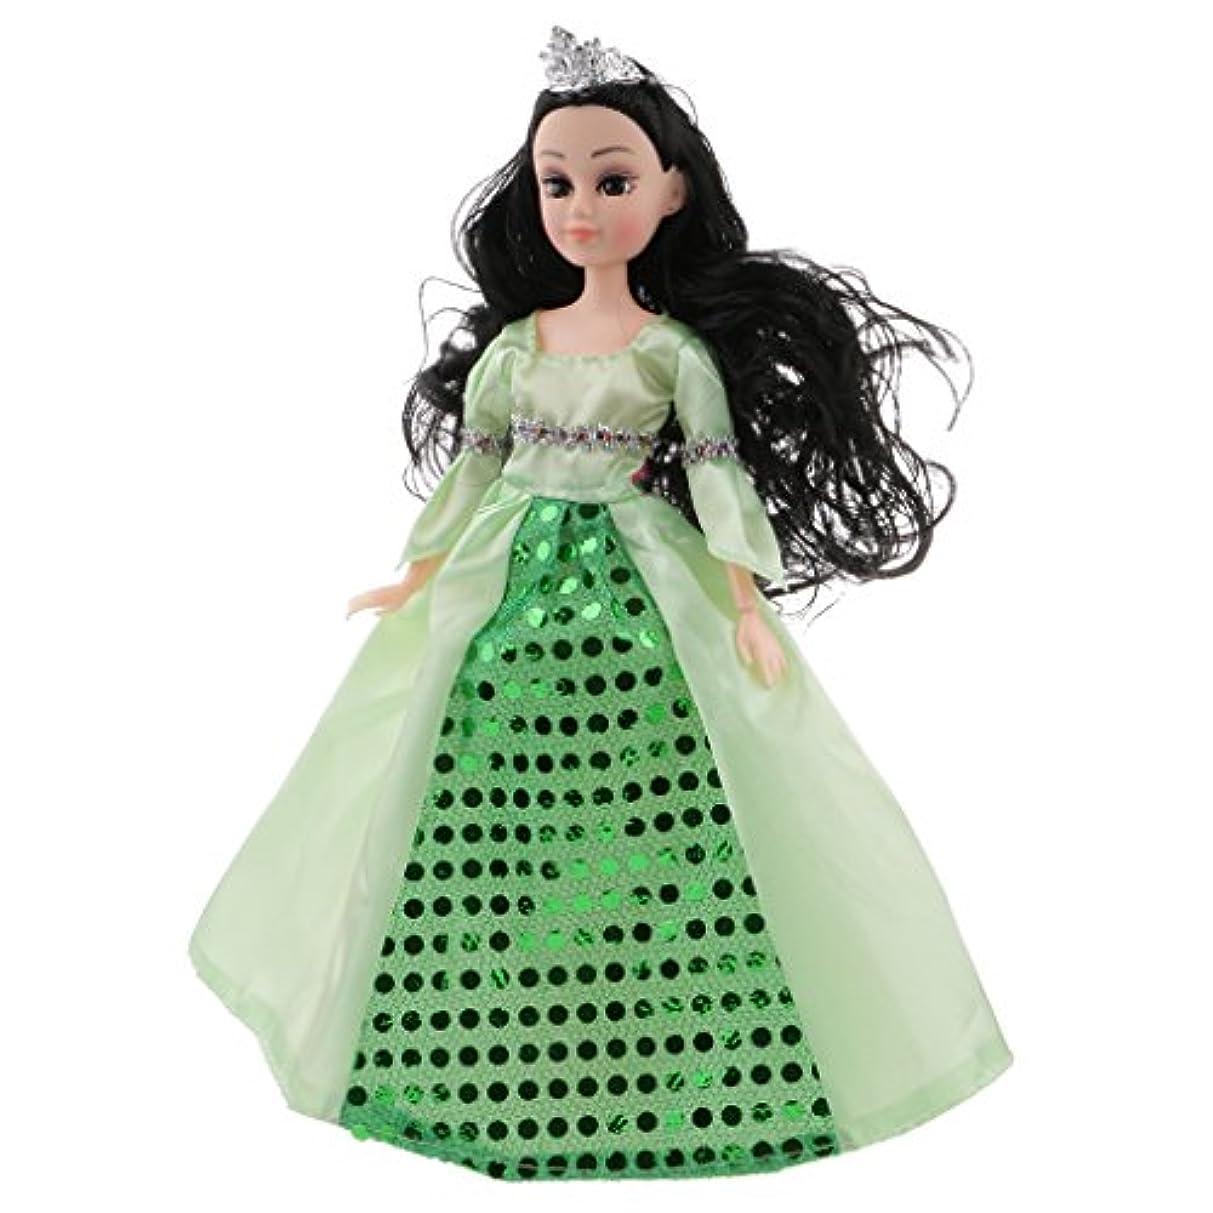 バルク行商人専門お姫の人形 典雅スーツ おとぎ話 王女の人形 ホームの飾り 女の子 贈り物 全3パタン - 緑, ドール(幅x高さ):約7×30センチメートル